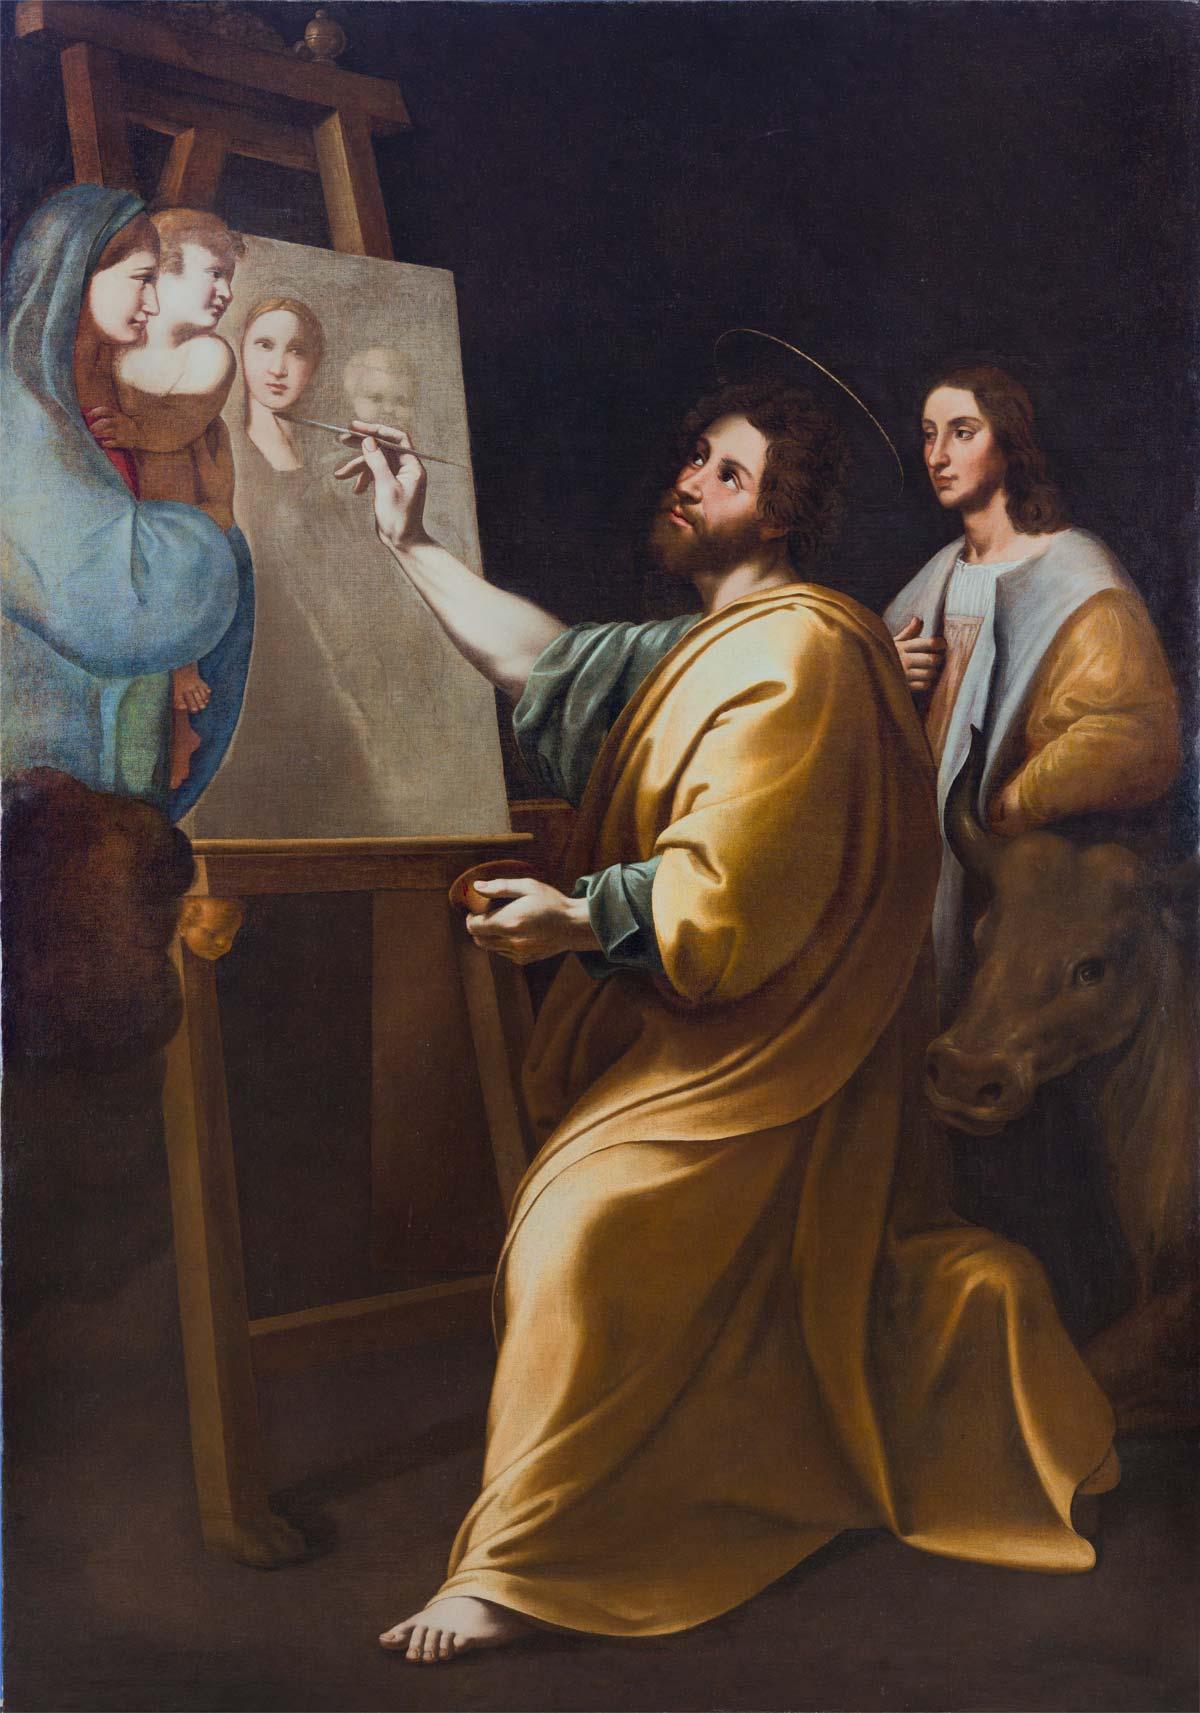 A Roma un'importante mostra sul mito di Raffaello, all'Accademia di San Luca